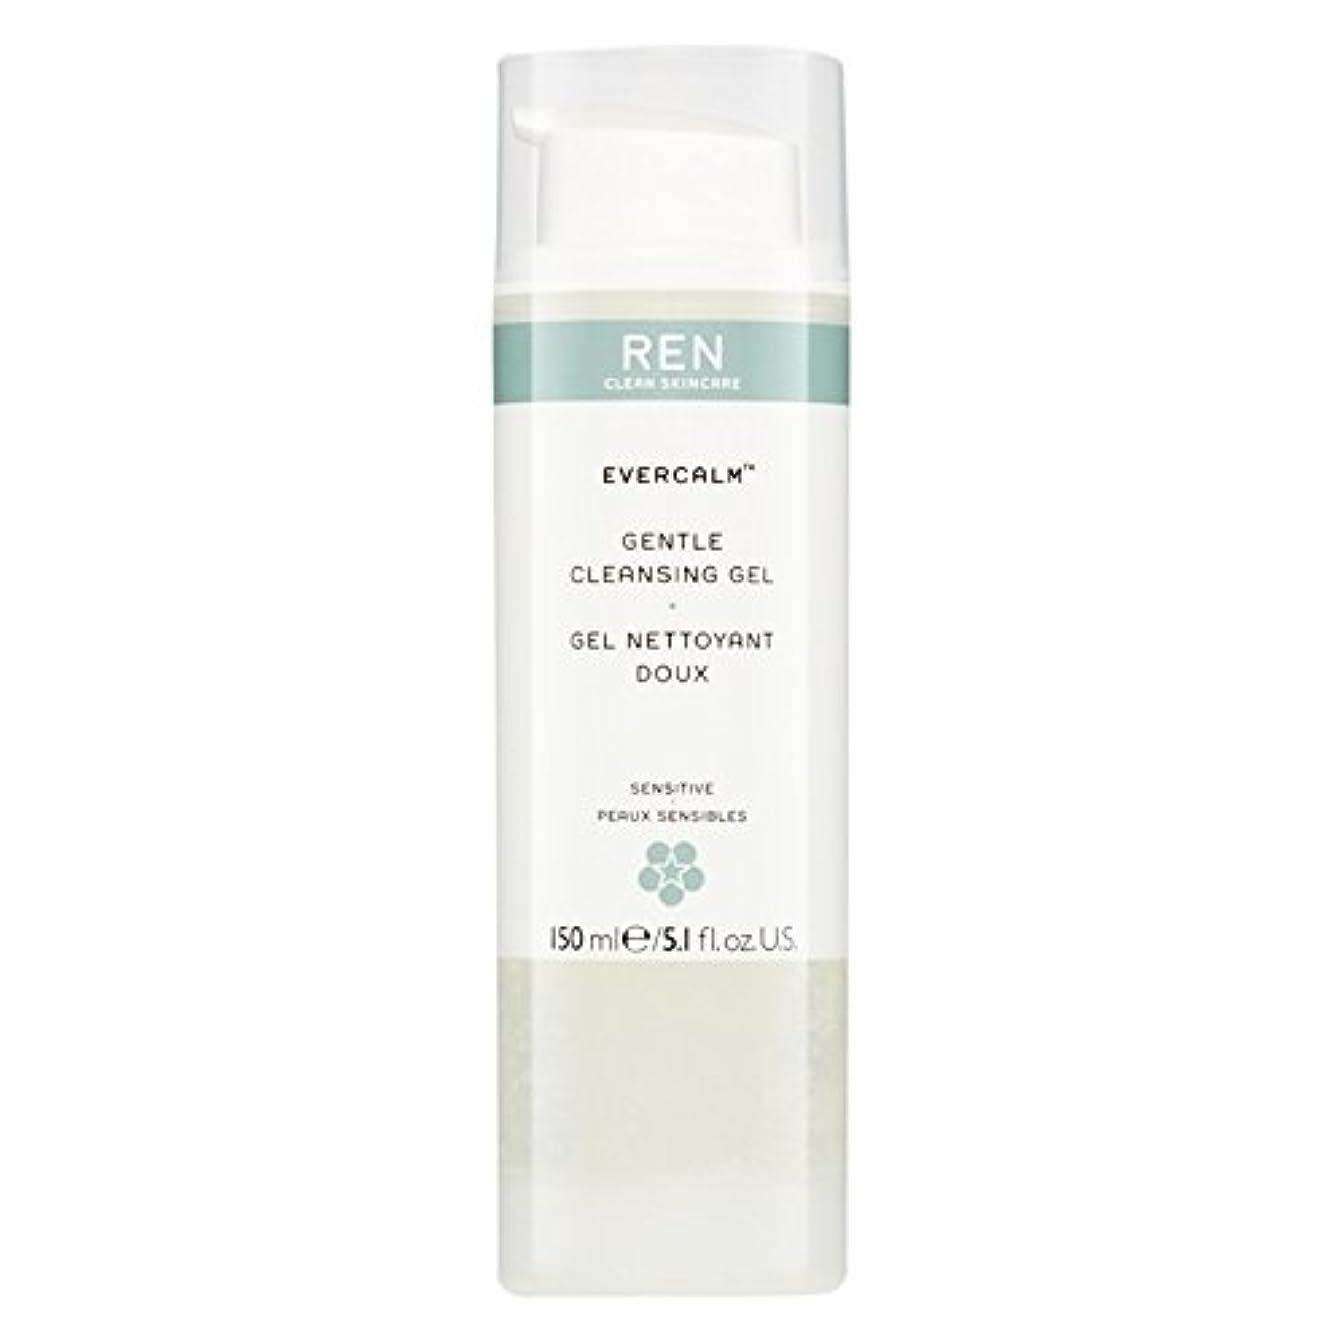 不幸単語識字Ren Evercalm優しいクレンジングジェル、150ミリリットル (REN) (x6) - REN Evercalm Gentle Cleansing Gel, 150ml (Pack of 6) [並行輸入品]